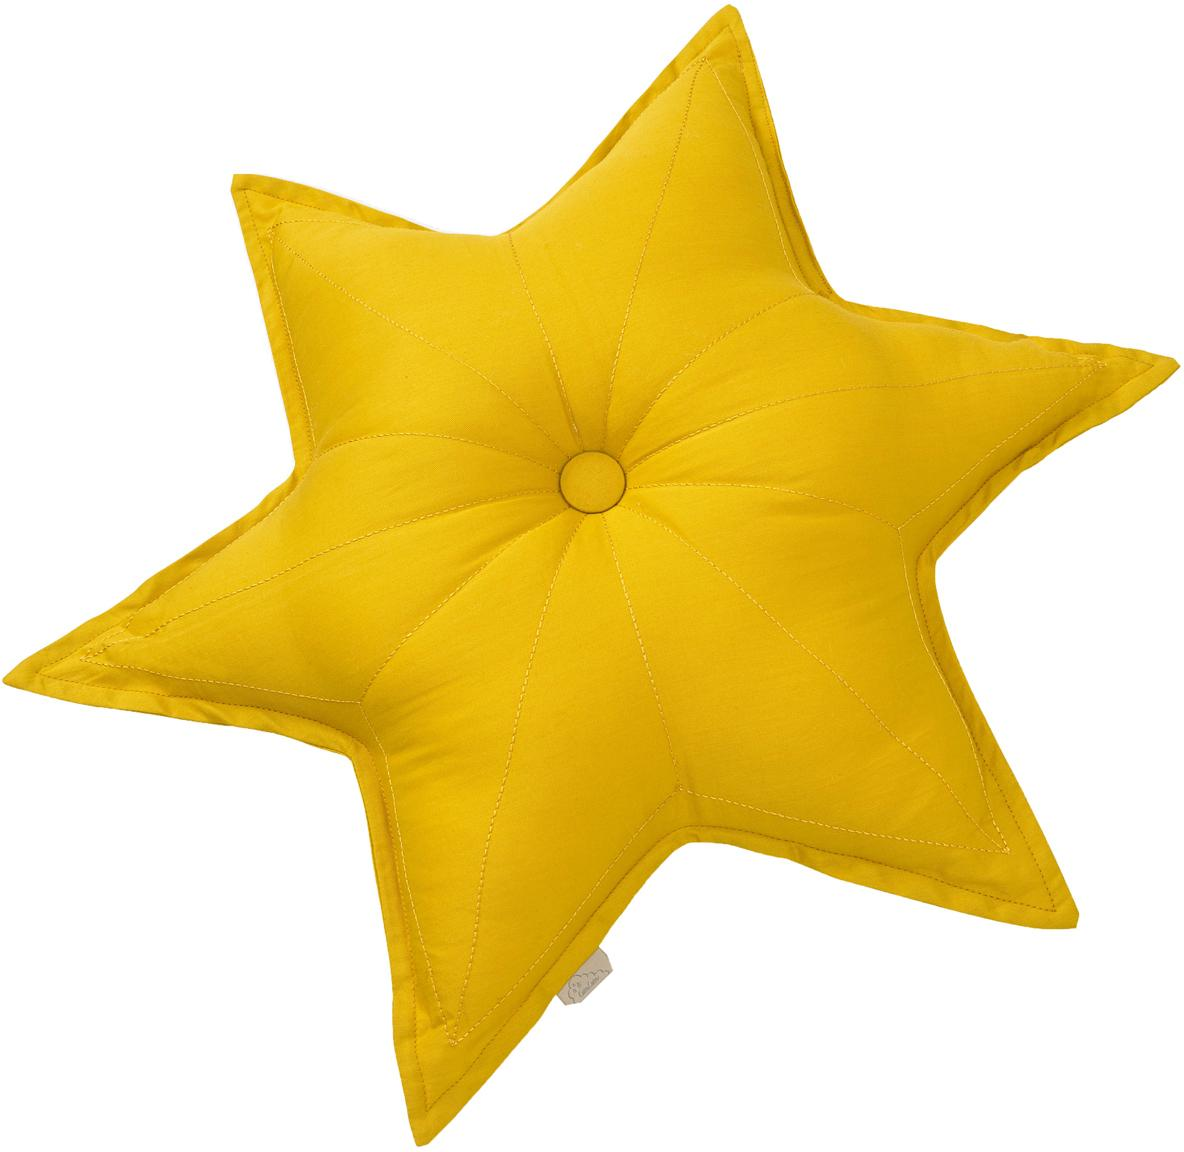 Kissen Star aus Bio-Baumwolle, mit Inlett, Bezug: Bio-Baumwolle, Öko-Tex- u, Senfgelb, 45 x 45 cm